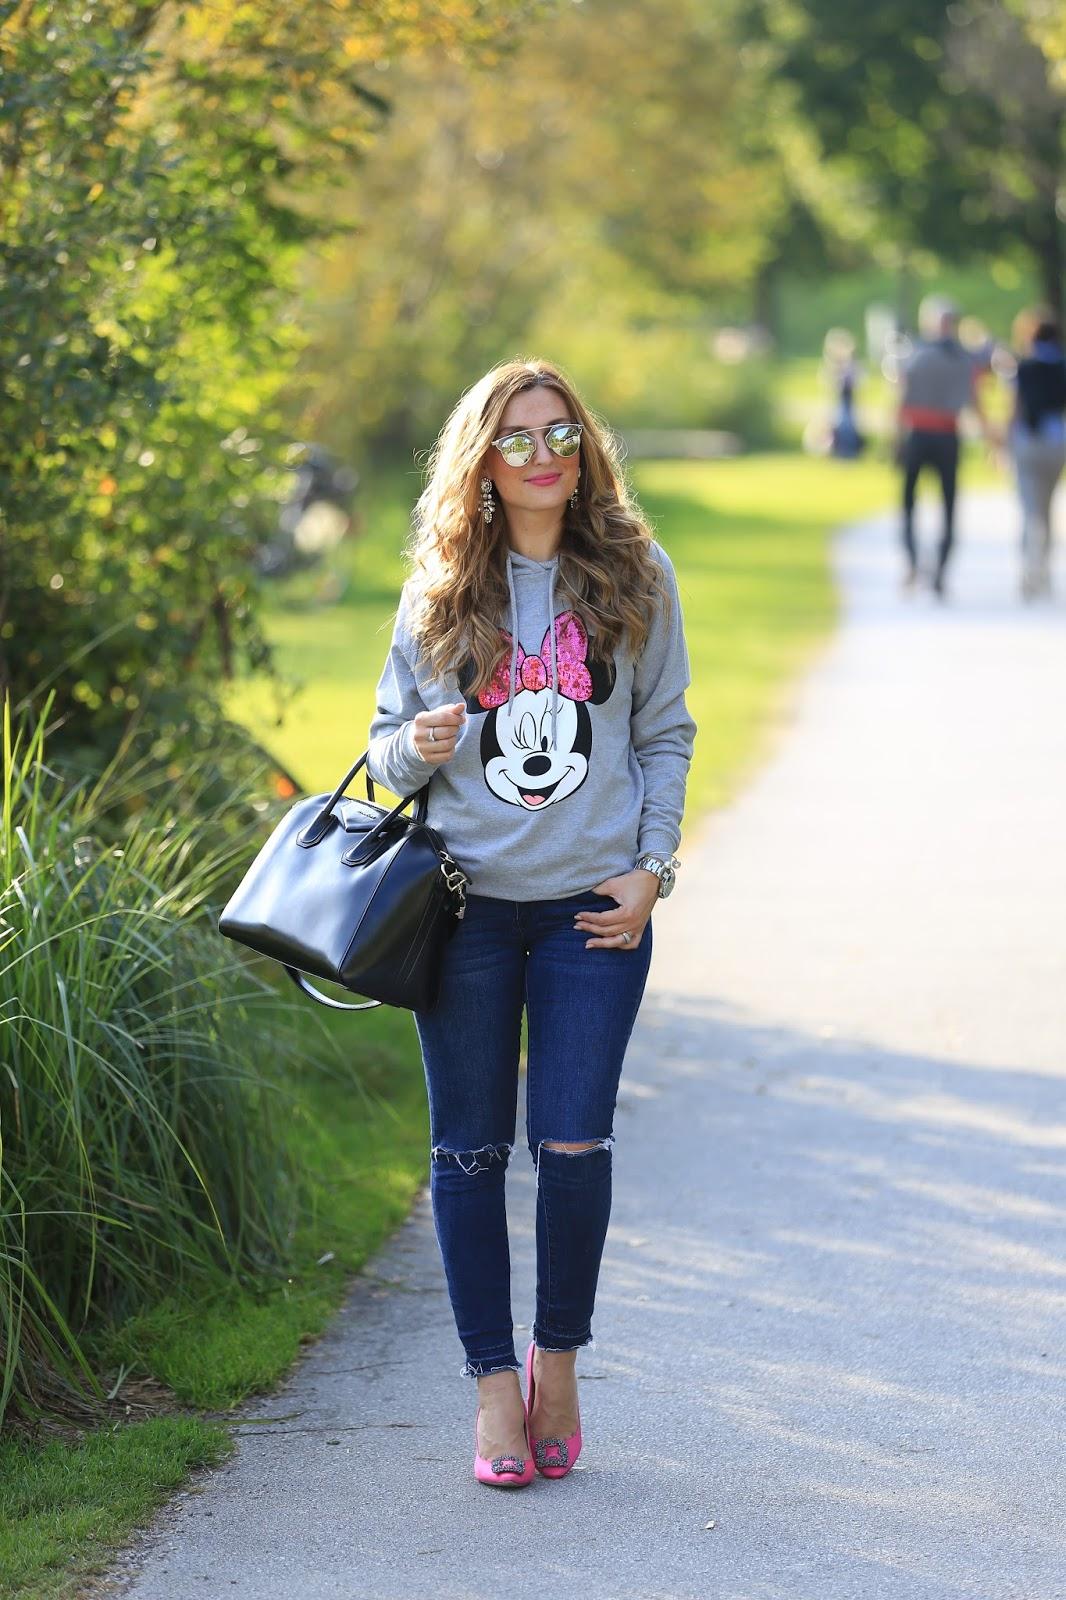 Colloseum-Mickey Mouse Pullover- grauer Pullover Blogger-Blogger aus Deutschland-Deutsche Fashionblogger -Fashionstylebyjohanna